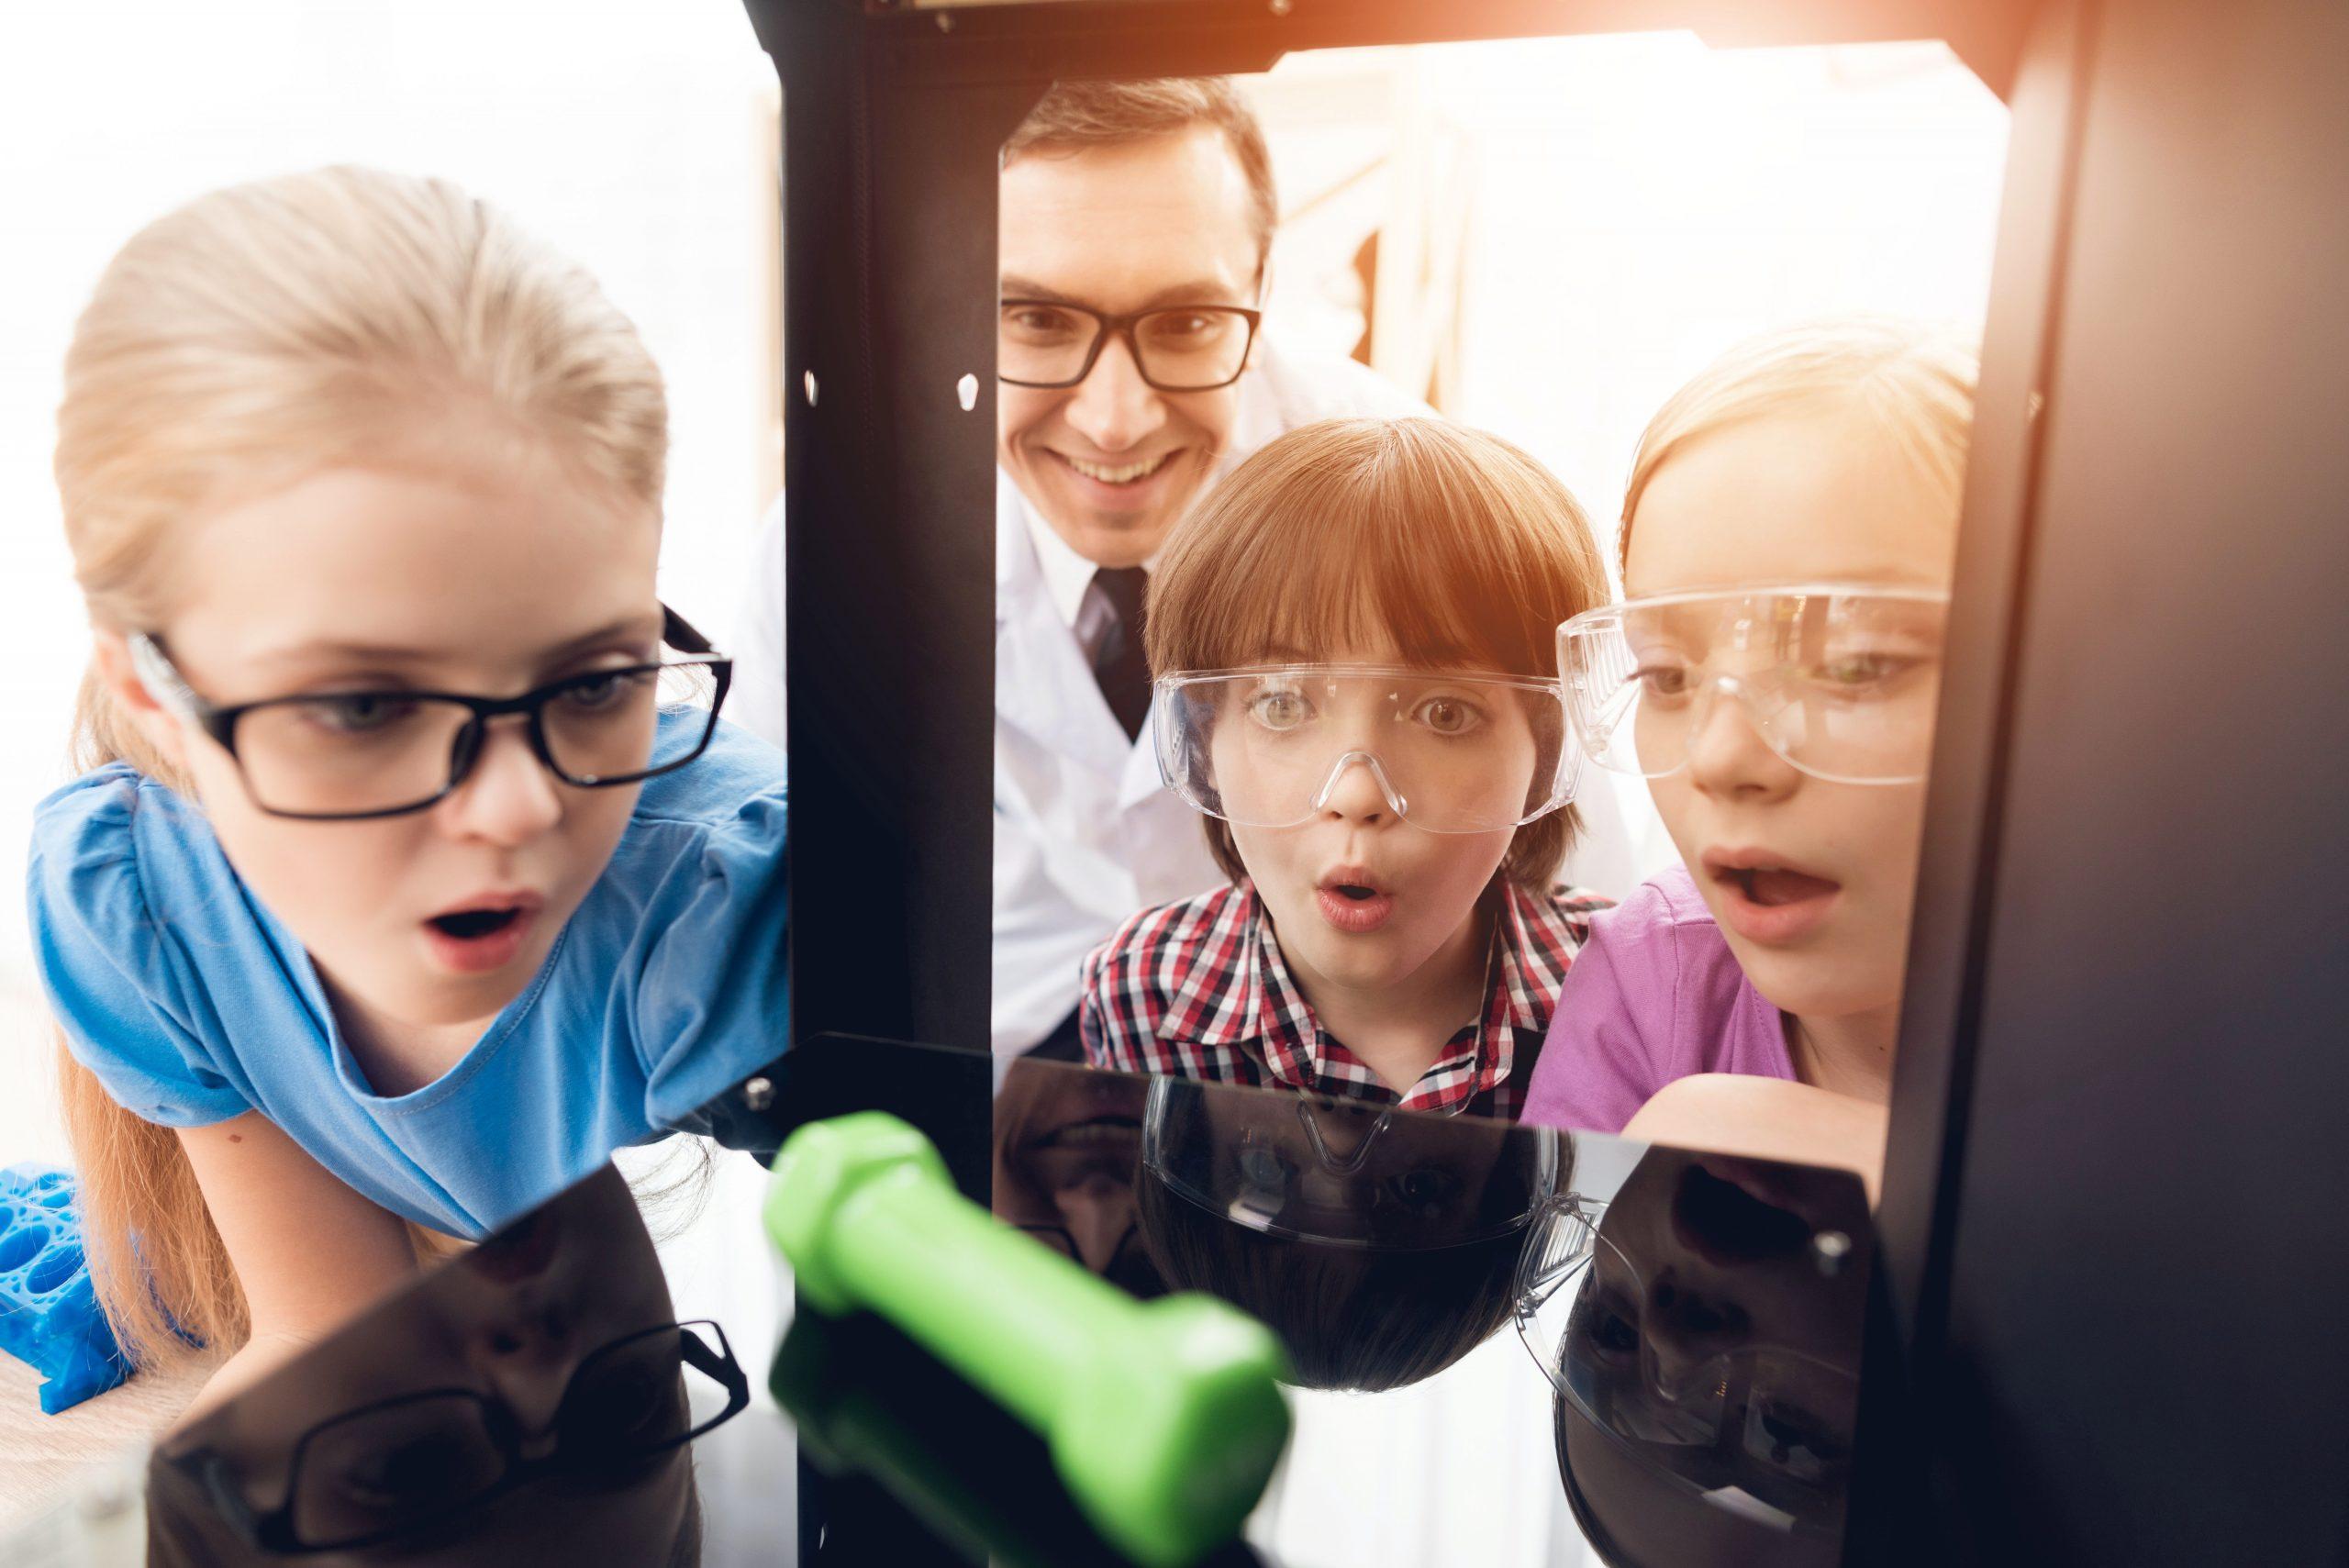 Cultura Maker & Aprendizagem Criativa: : 5 motivos para investir na Cultura Maker